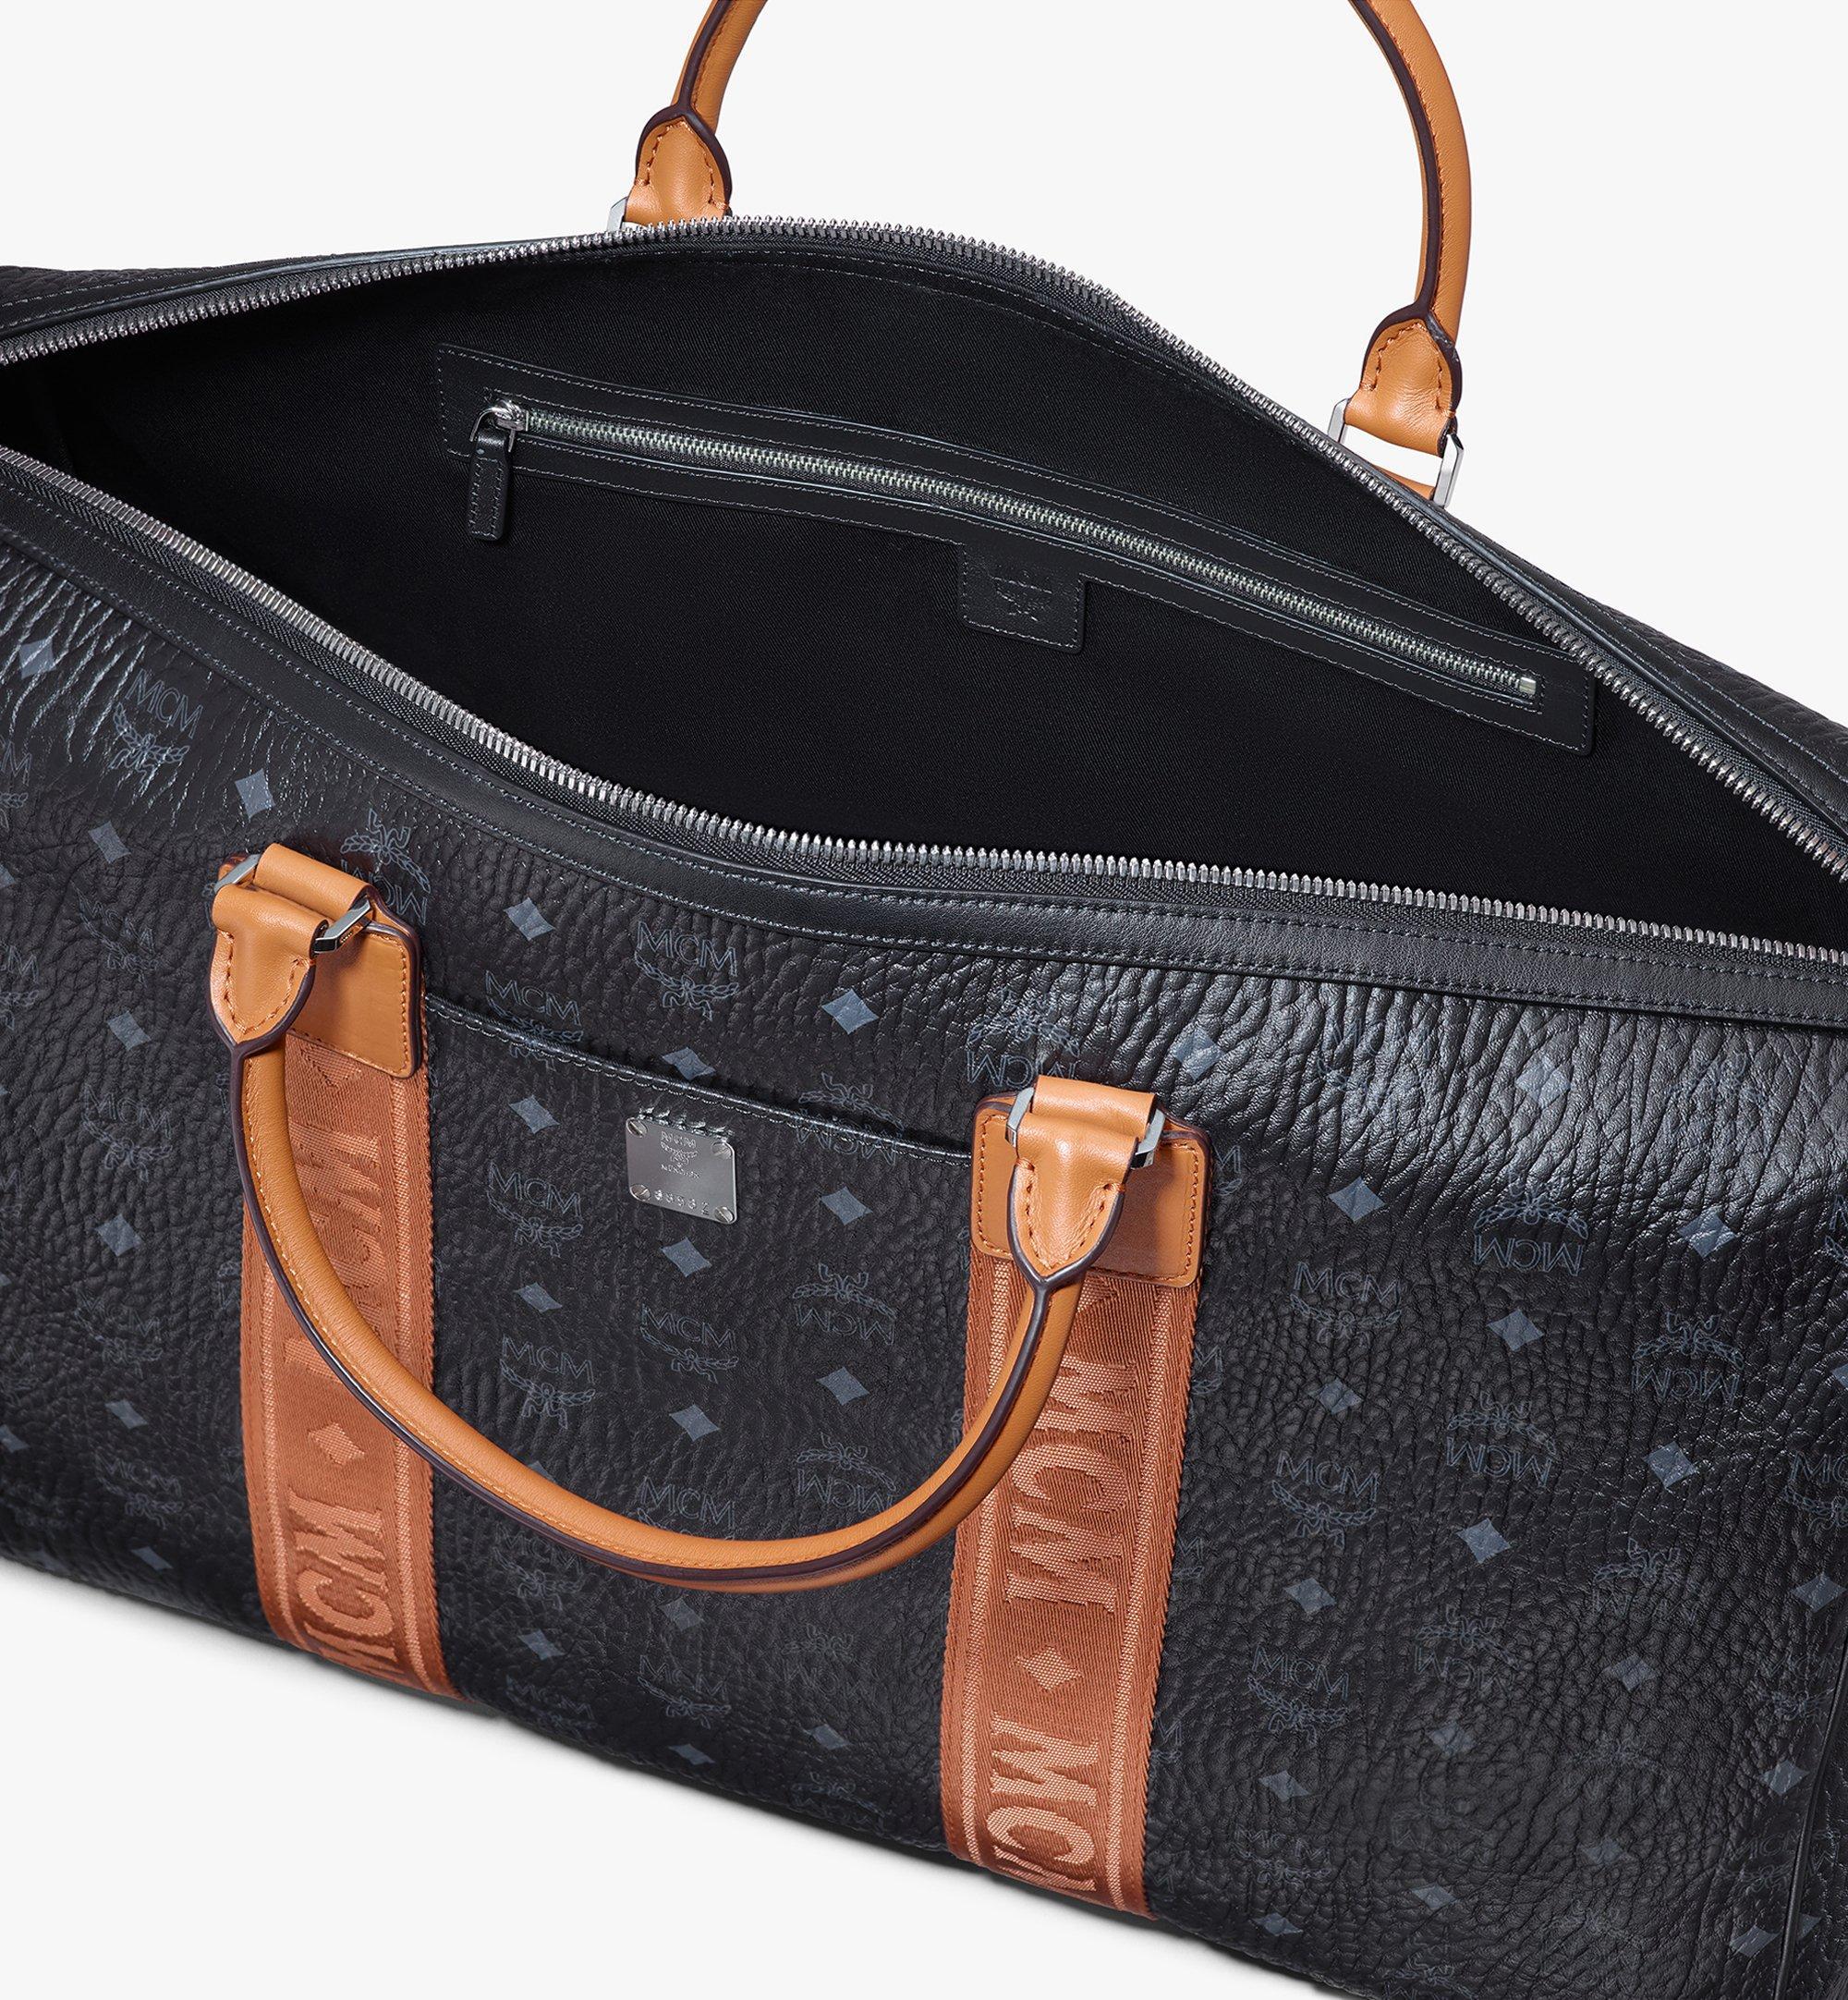 55 cm 22 in Traveler Weekender in Visetos Black | MCM® DE